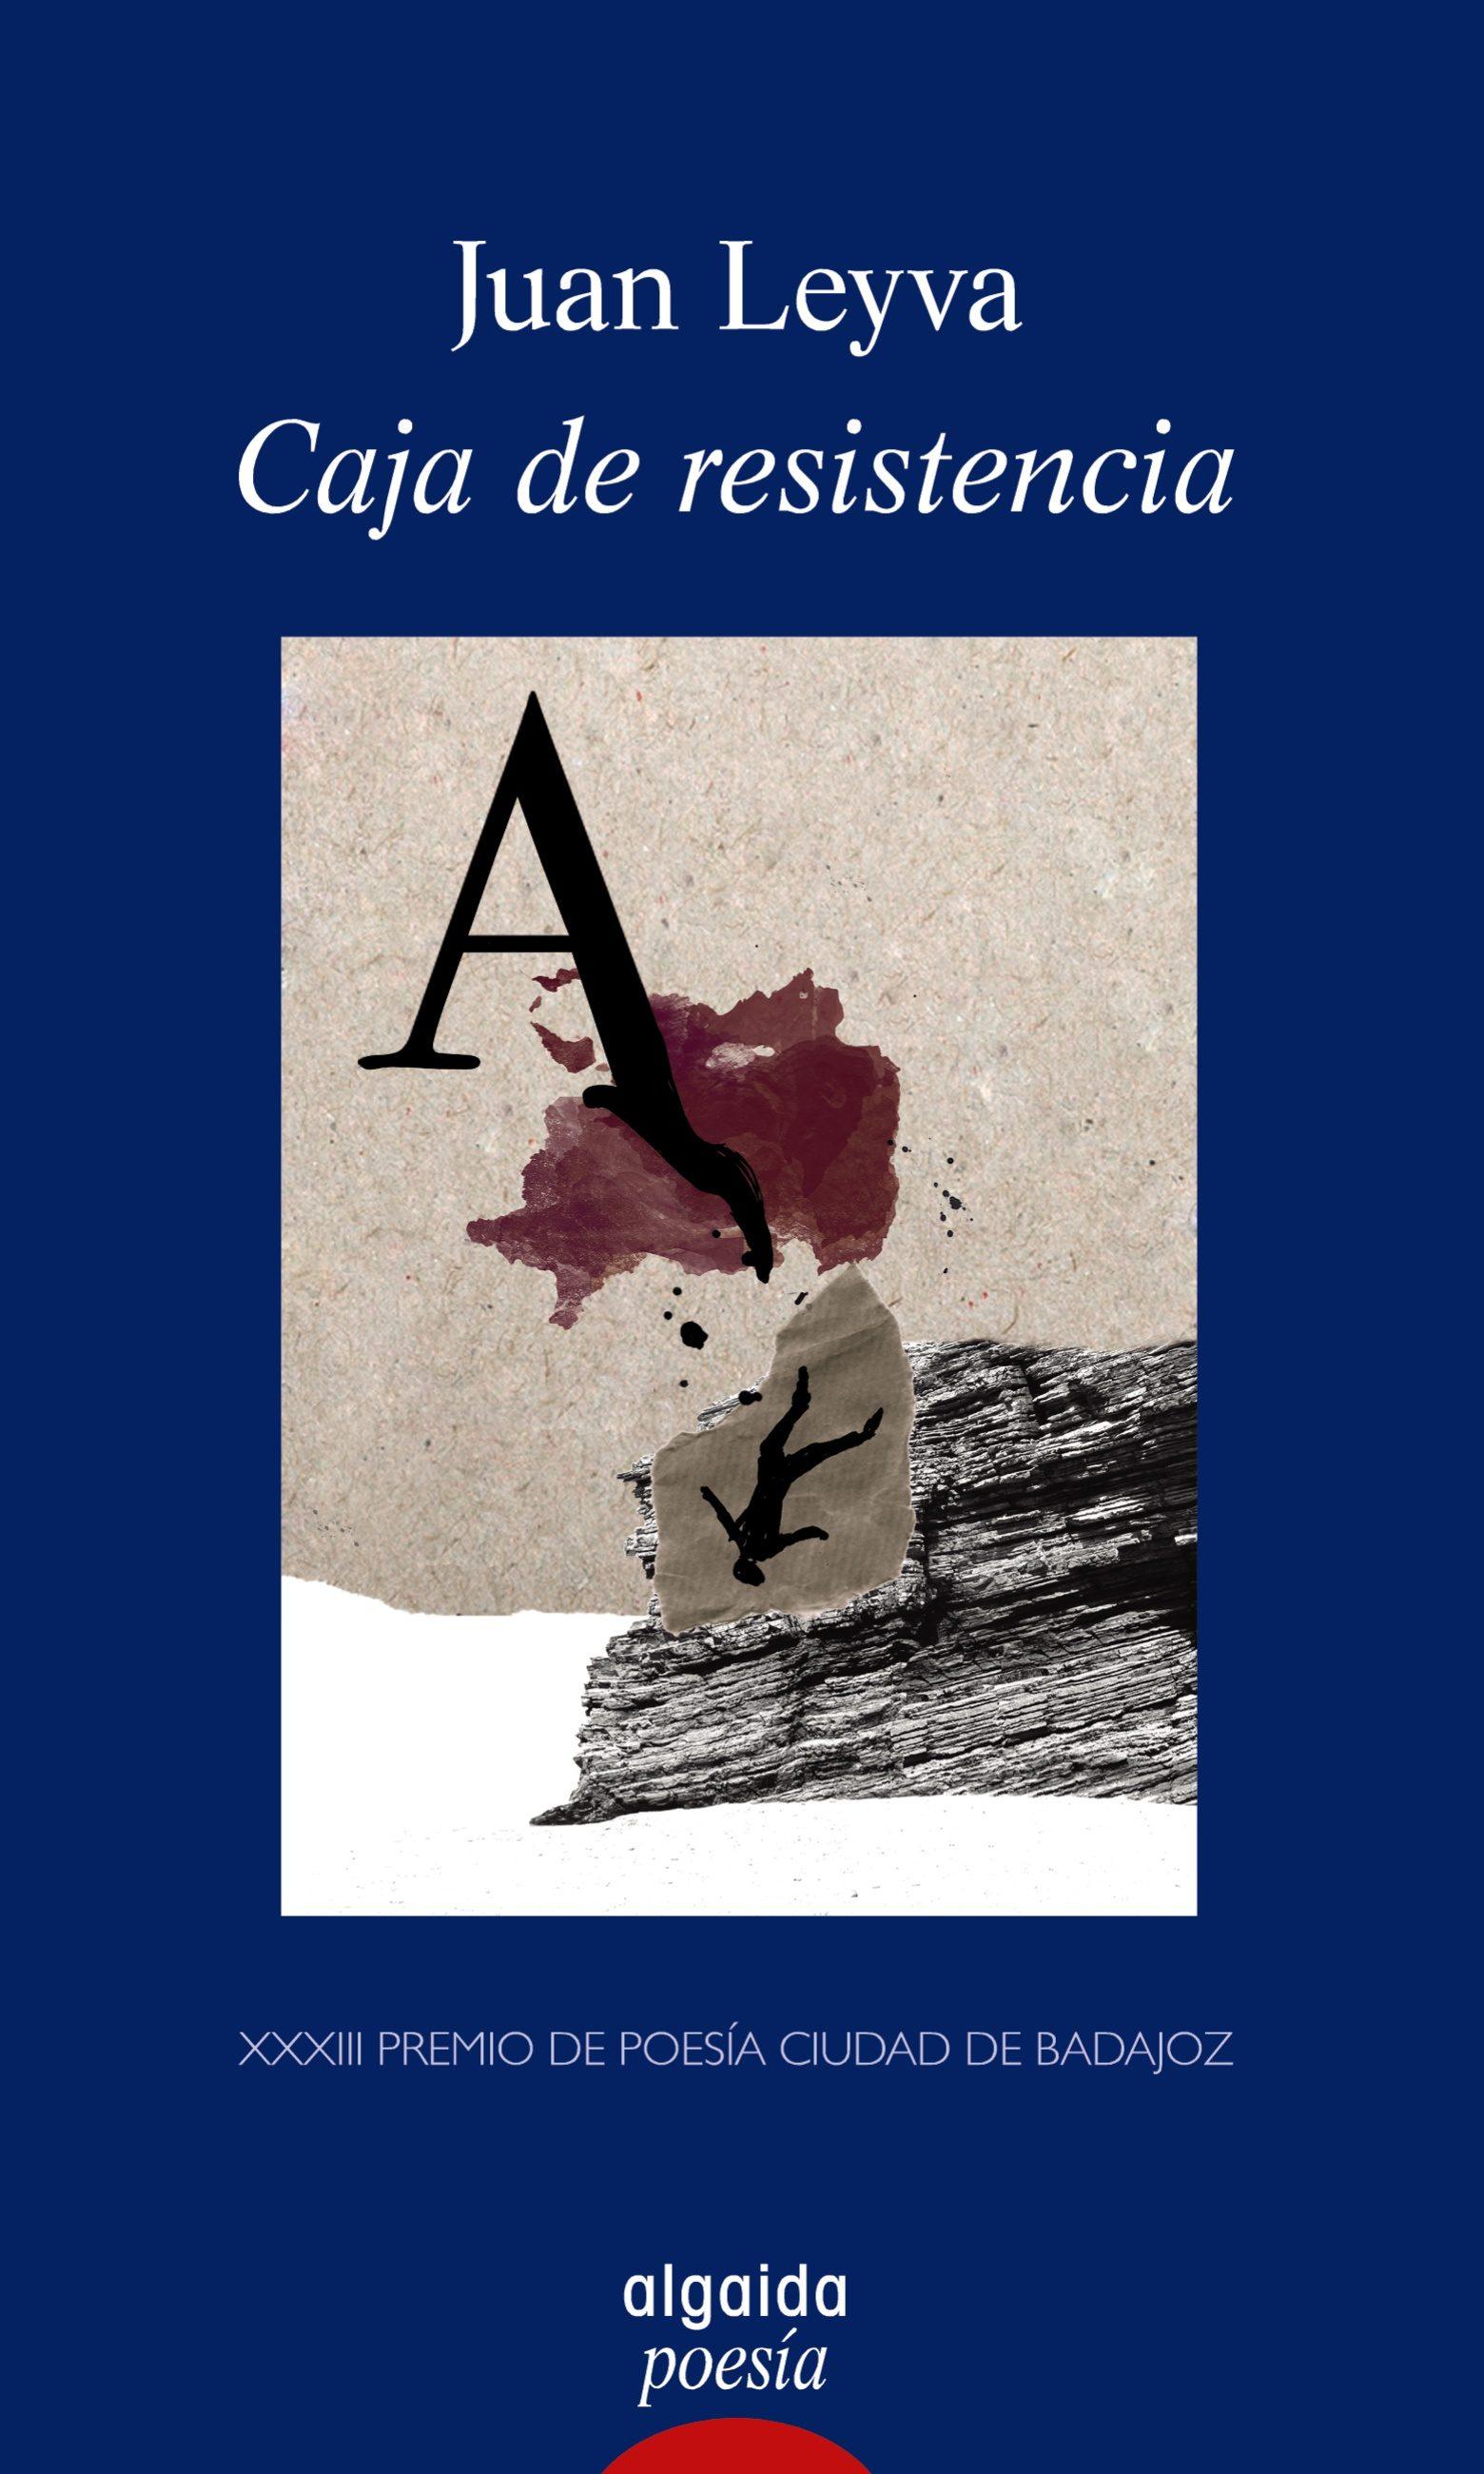 Caja de resistencia (Poesía - Digital)